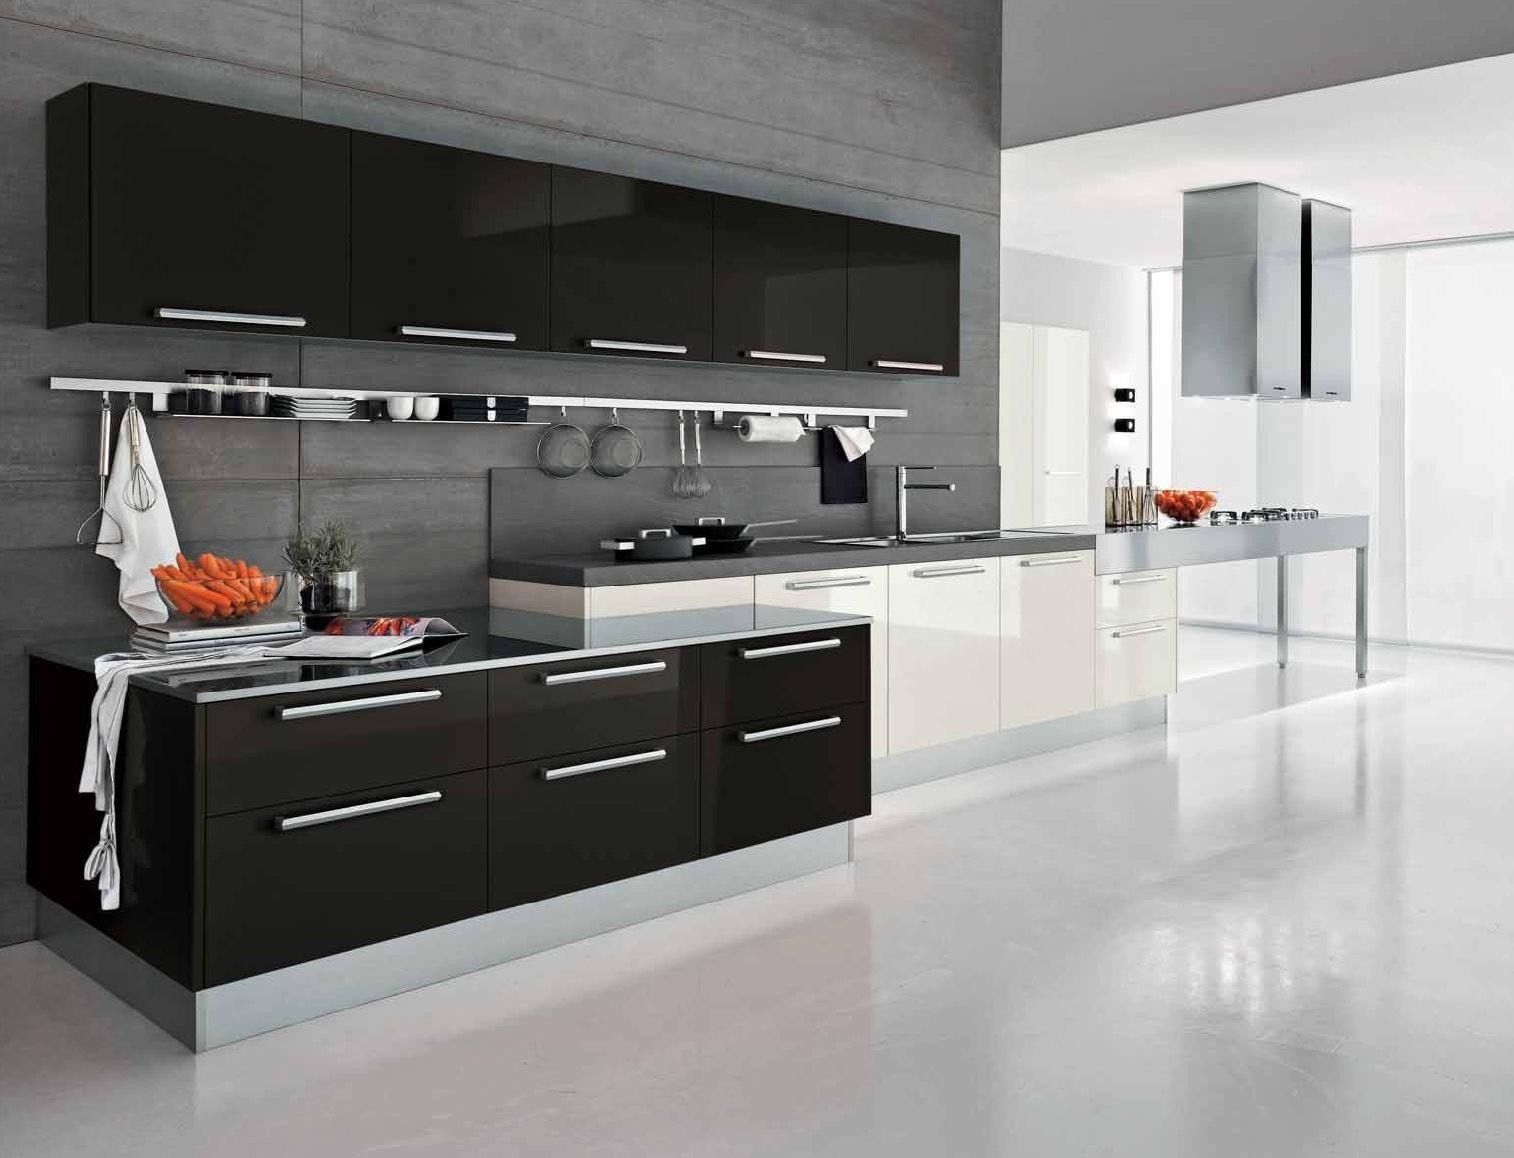 4-cuisine en noir et blanc